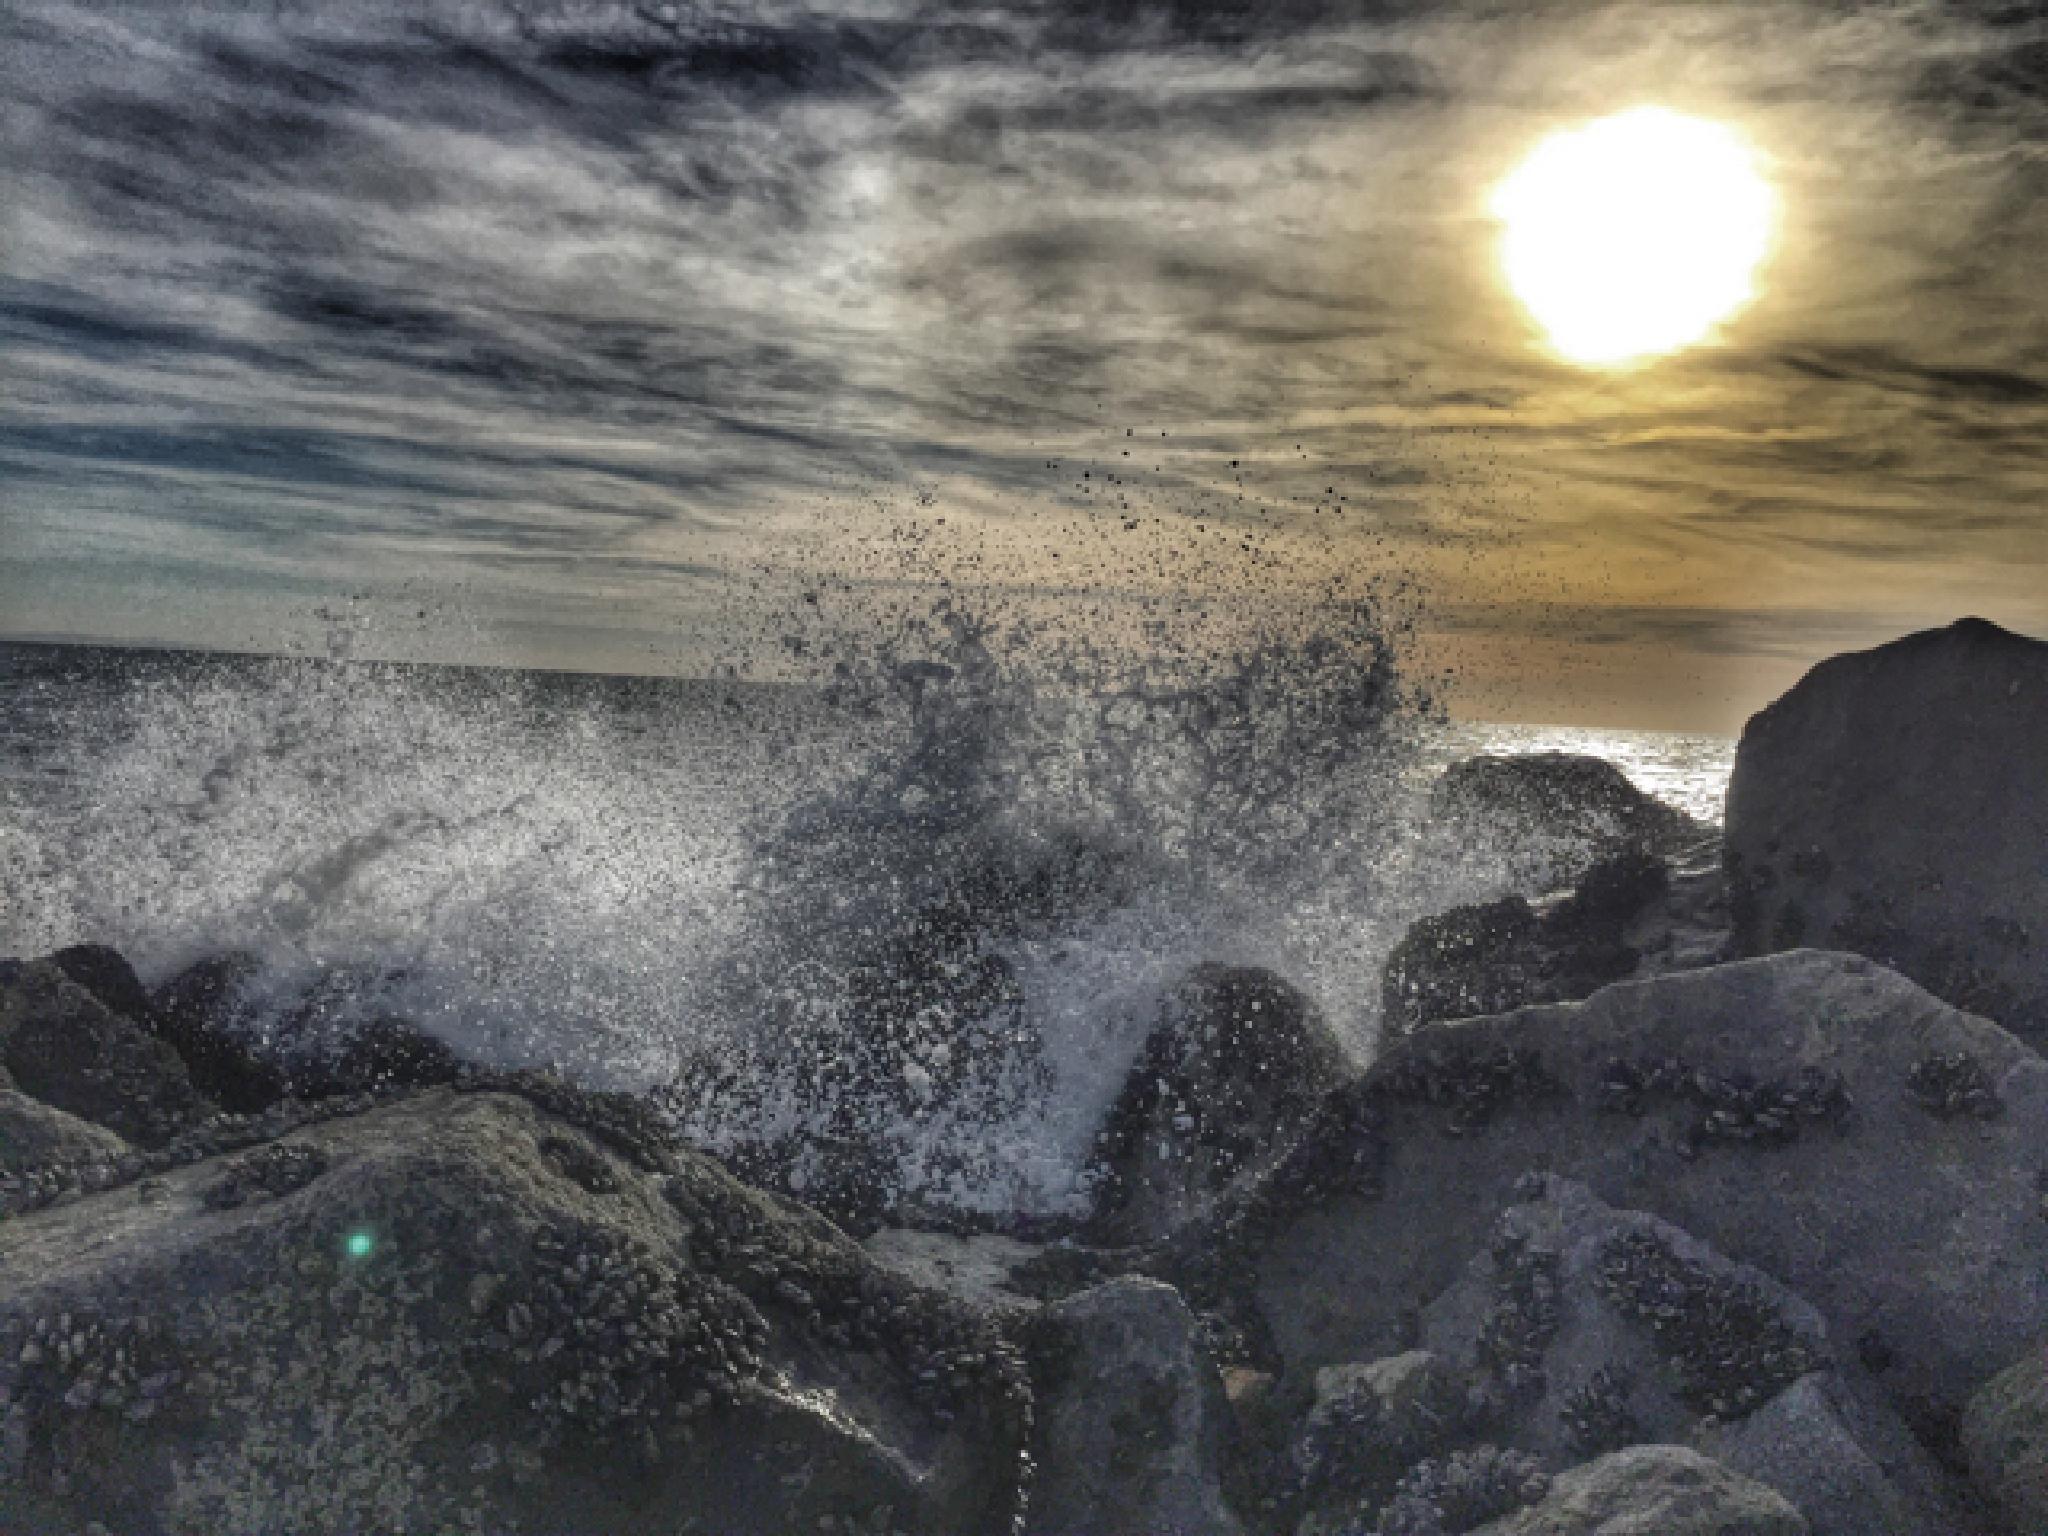 Rocks meet water by Oleg K